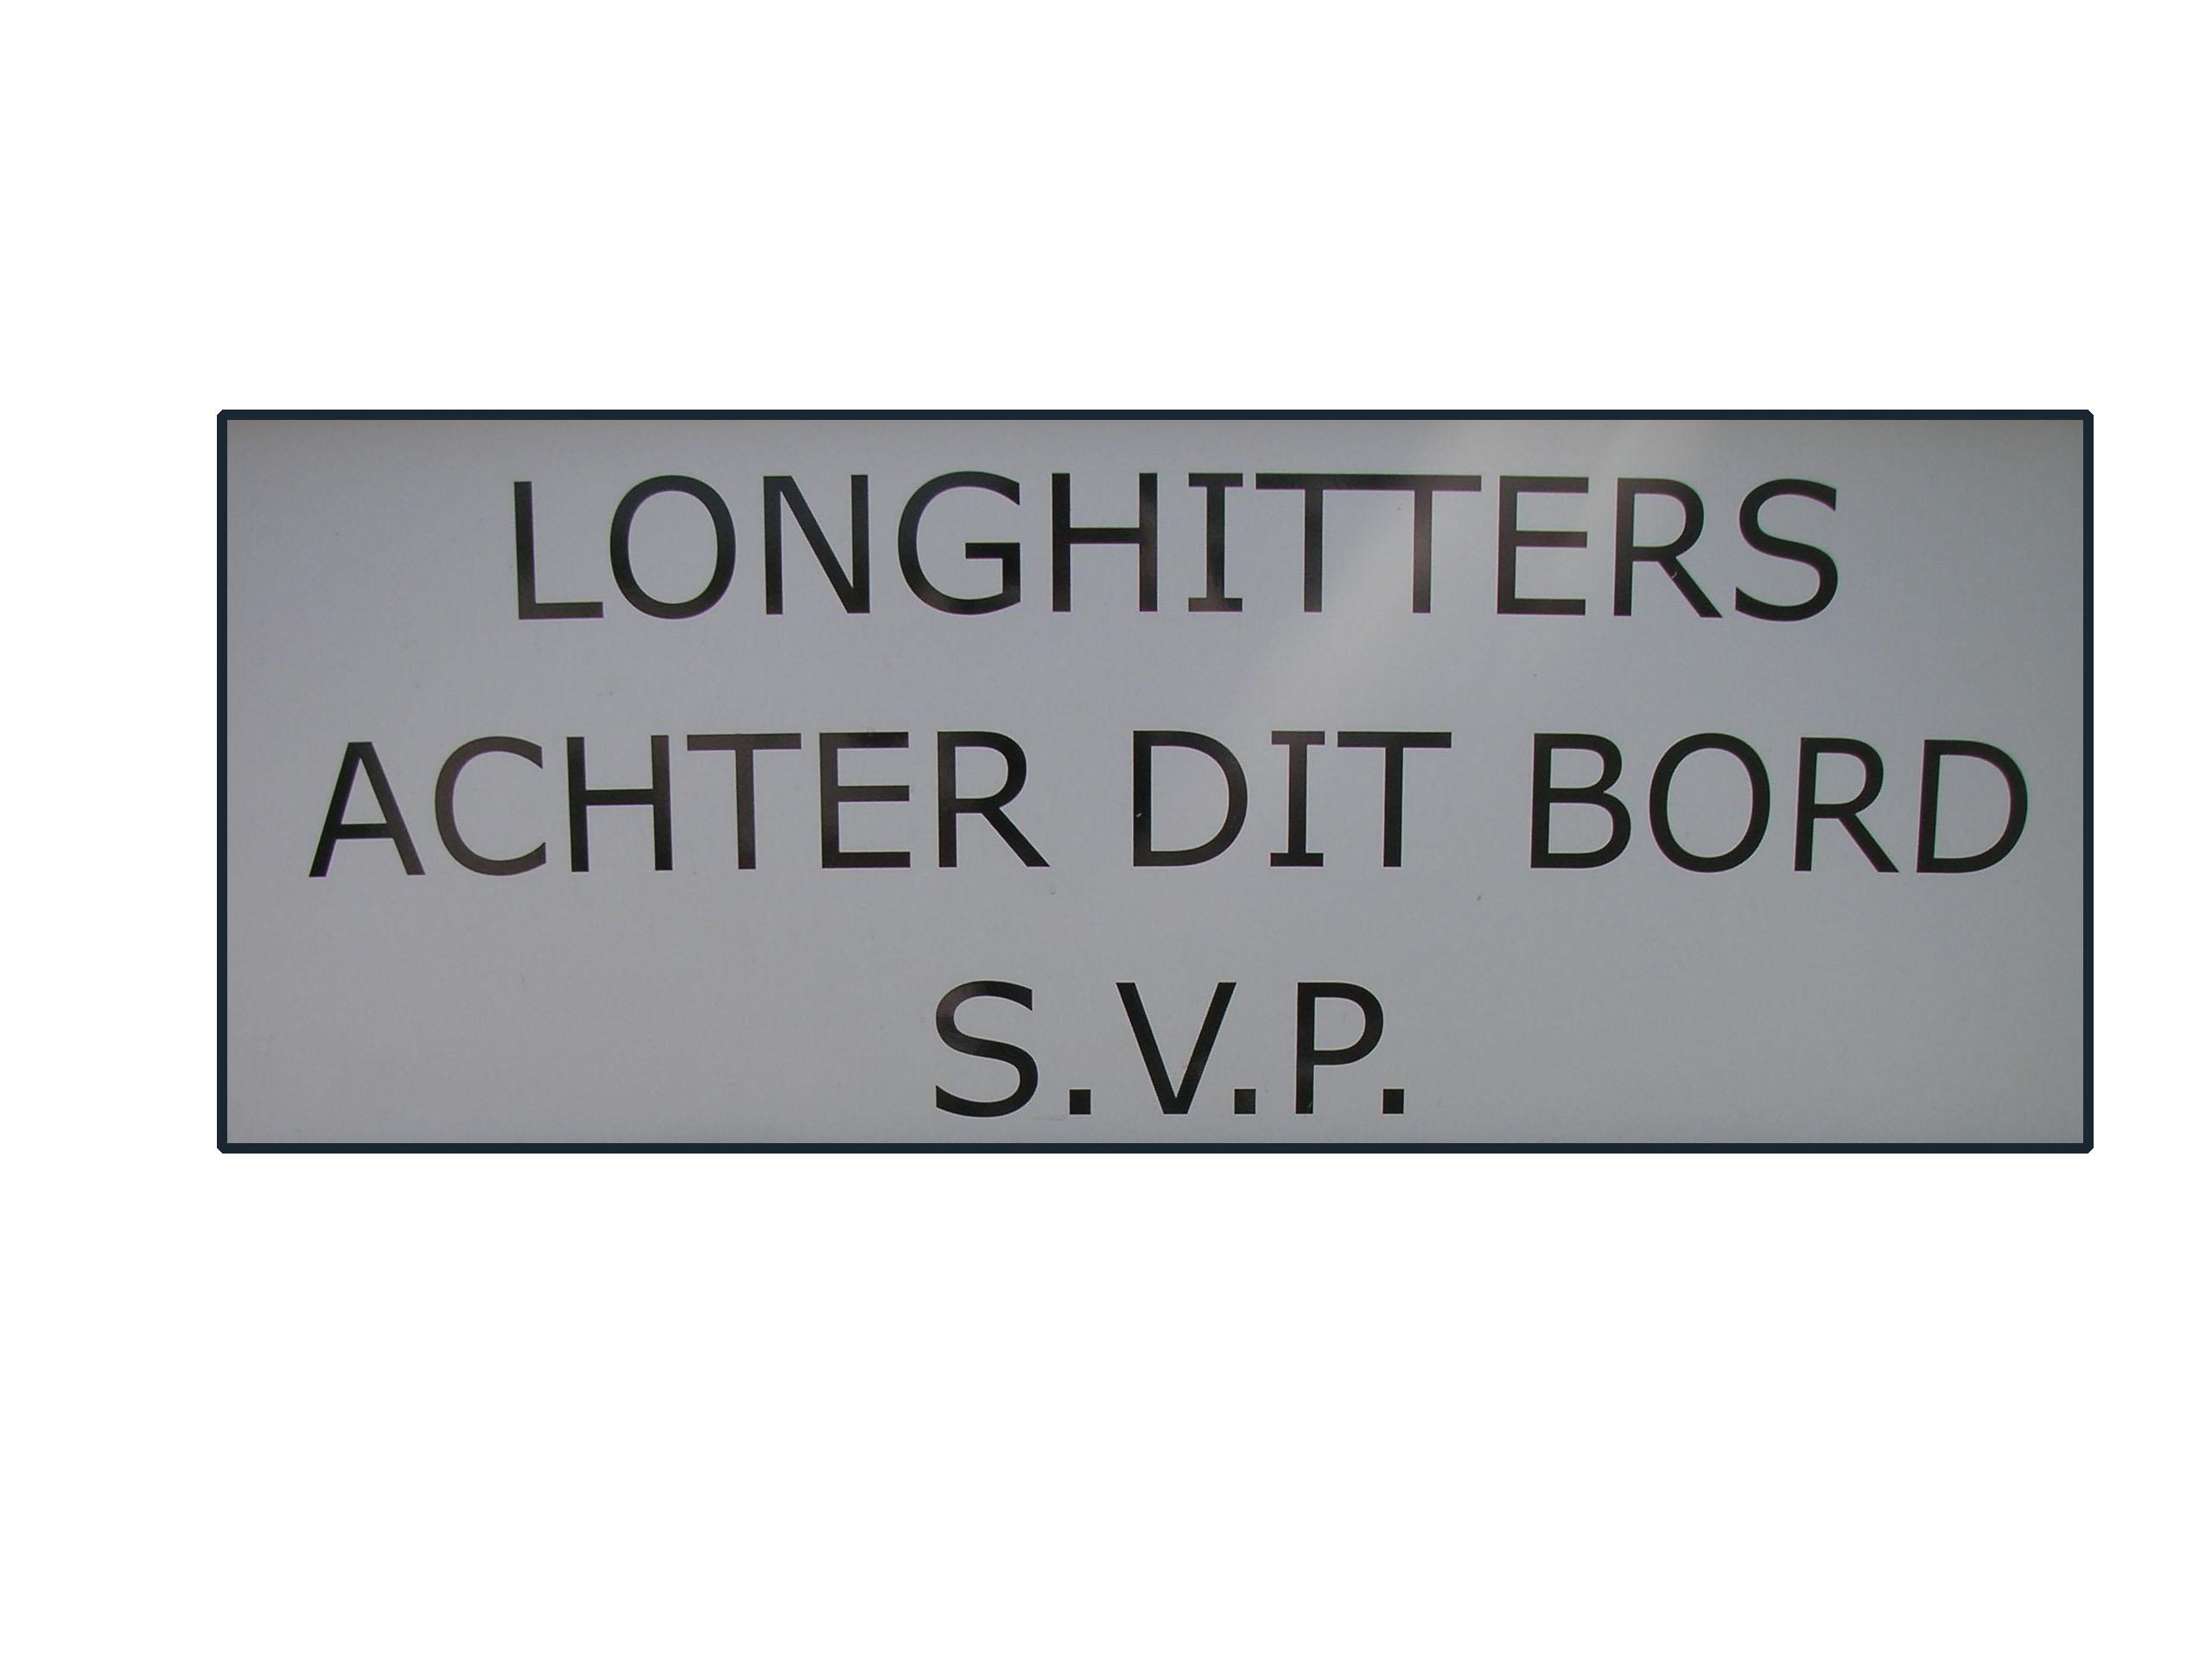 longhitters_met_drivers